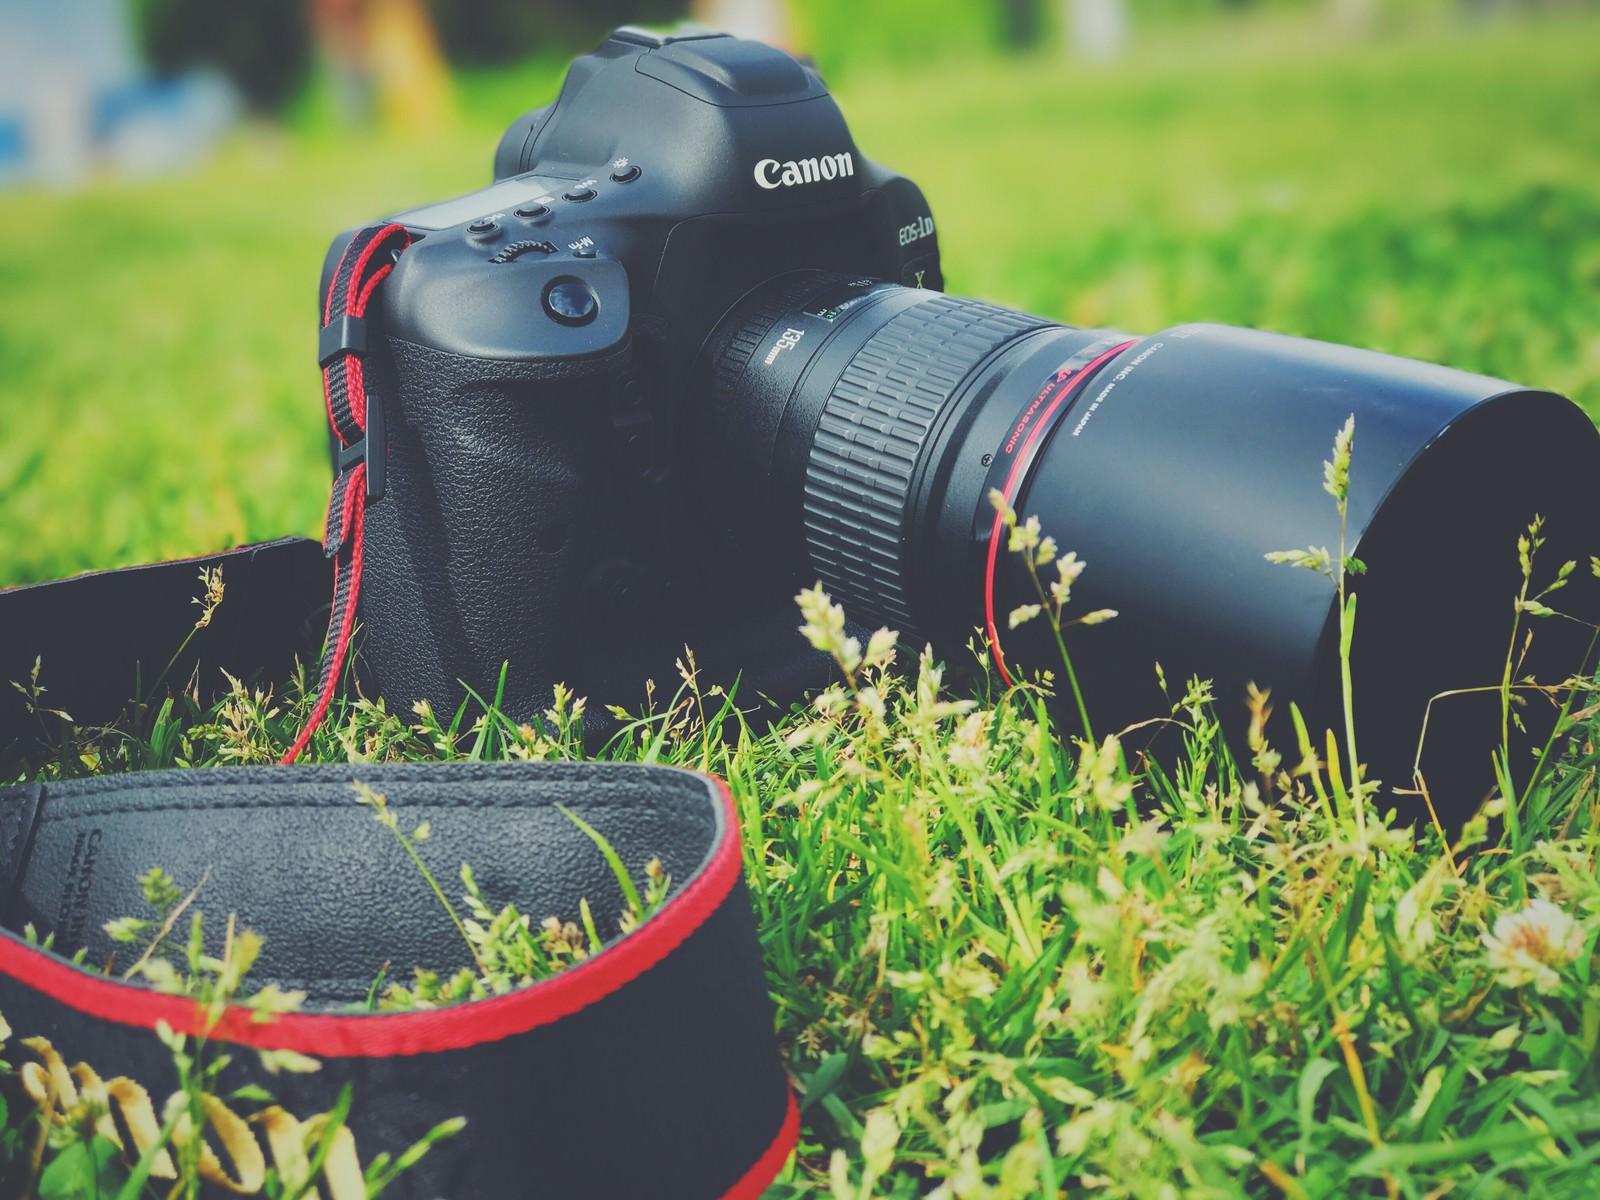 「野原とフラッグシップ一眼レフカメラ野原とフラッグシップ一眼レフカメラ」のフリー写真素材を拡大